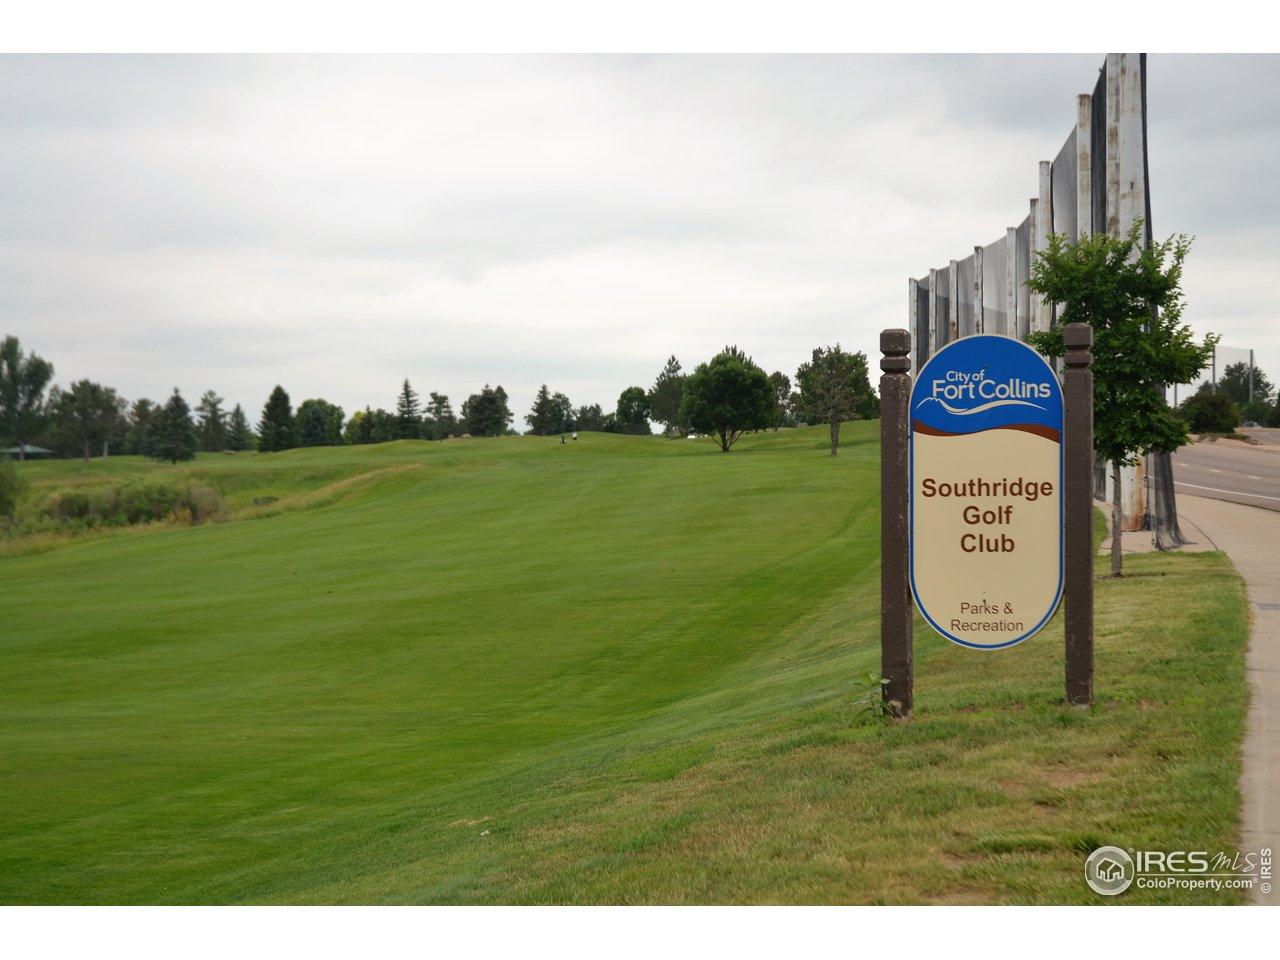 Southridge Golf Club